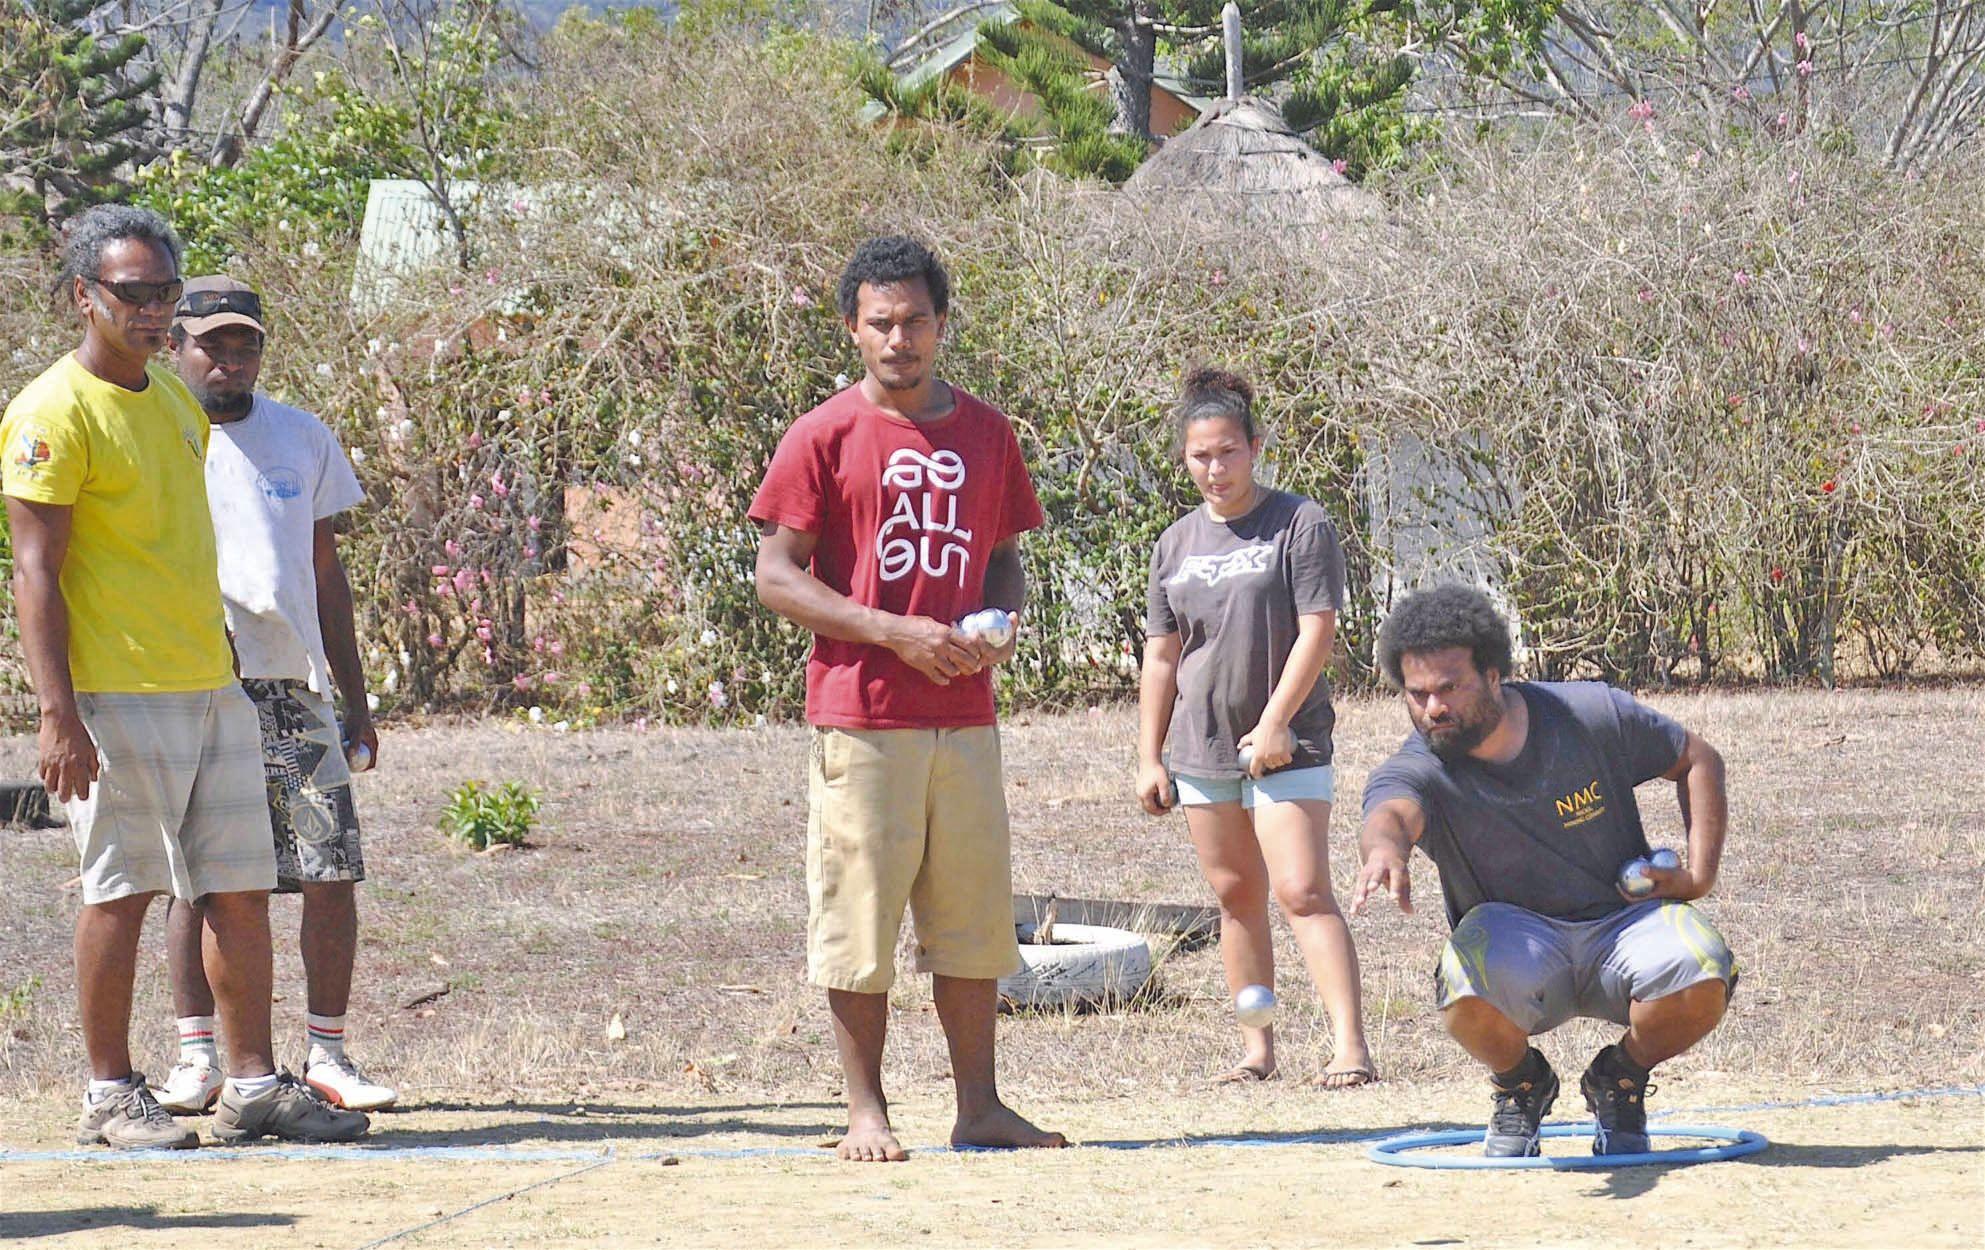 Le Tournoi convivial adulte est né de l'idée que les participants se fassent plaisir par la pratique d'activités sportives. L'équipe des Tilapias a remporté cette rencontre sur l'équipe des Avengers par 10 à 7.